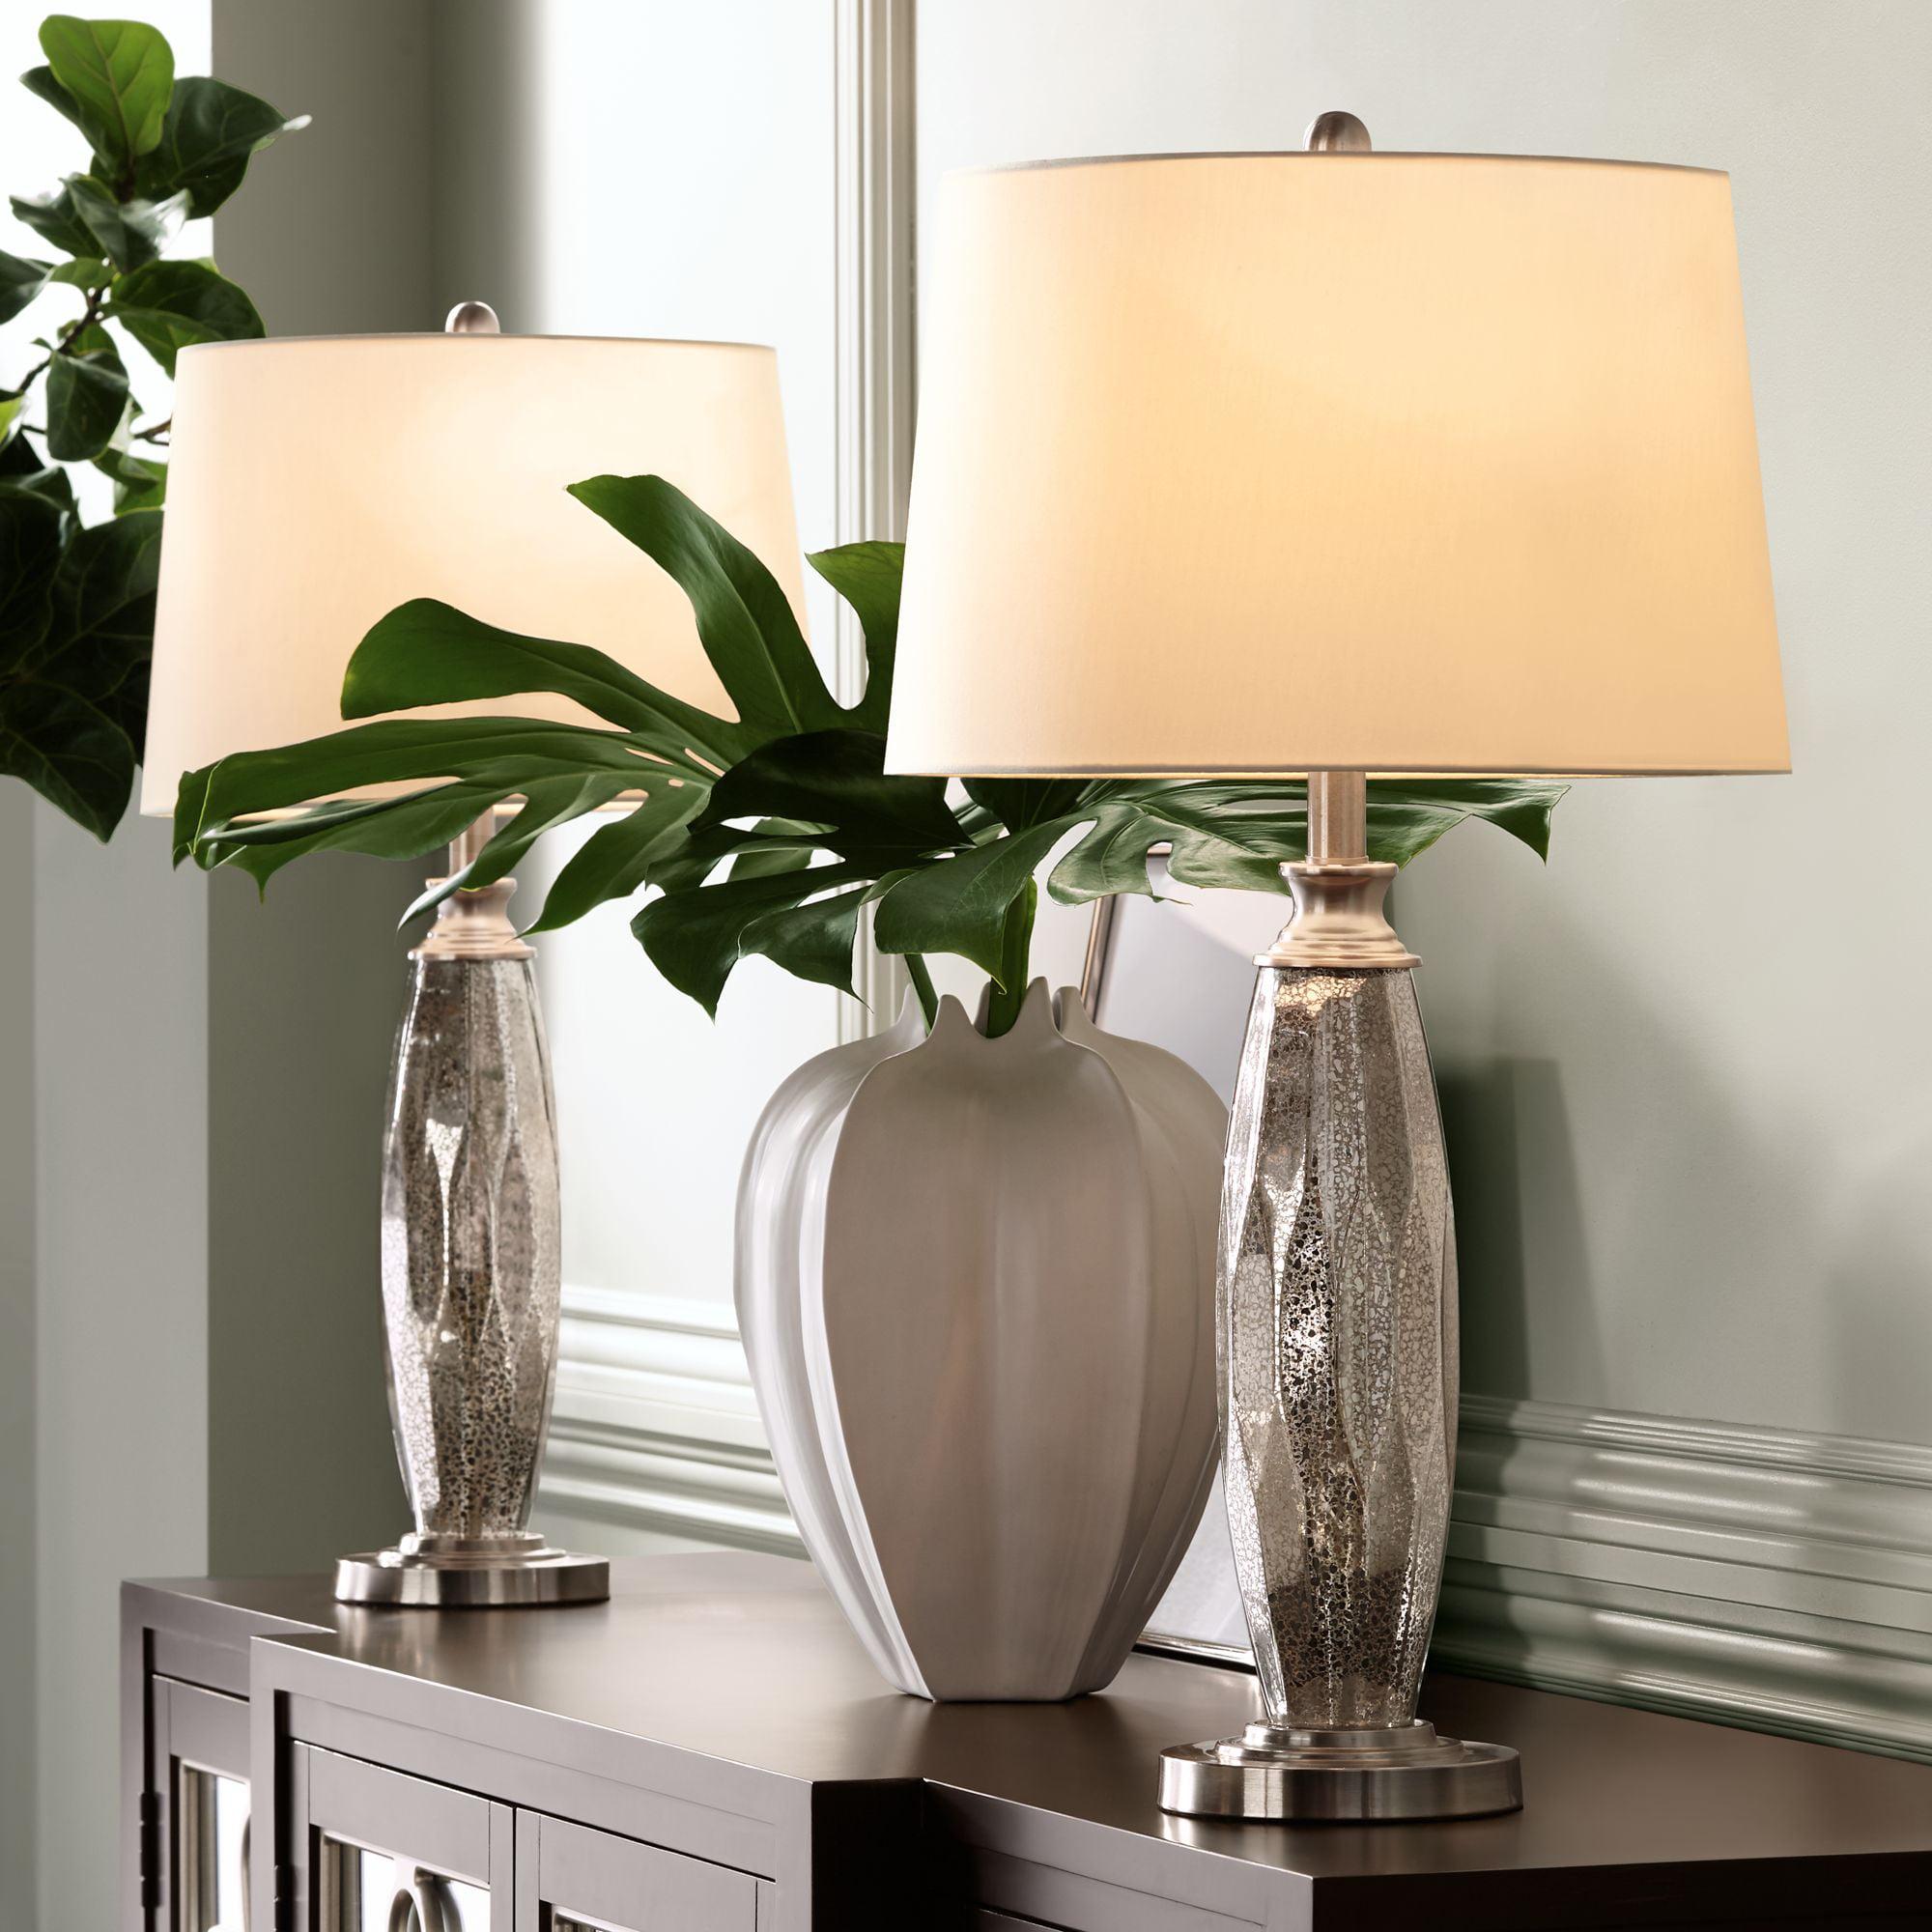 360 Lighting Modern Table Lamps Set Of 2 Mercury Glass Column White